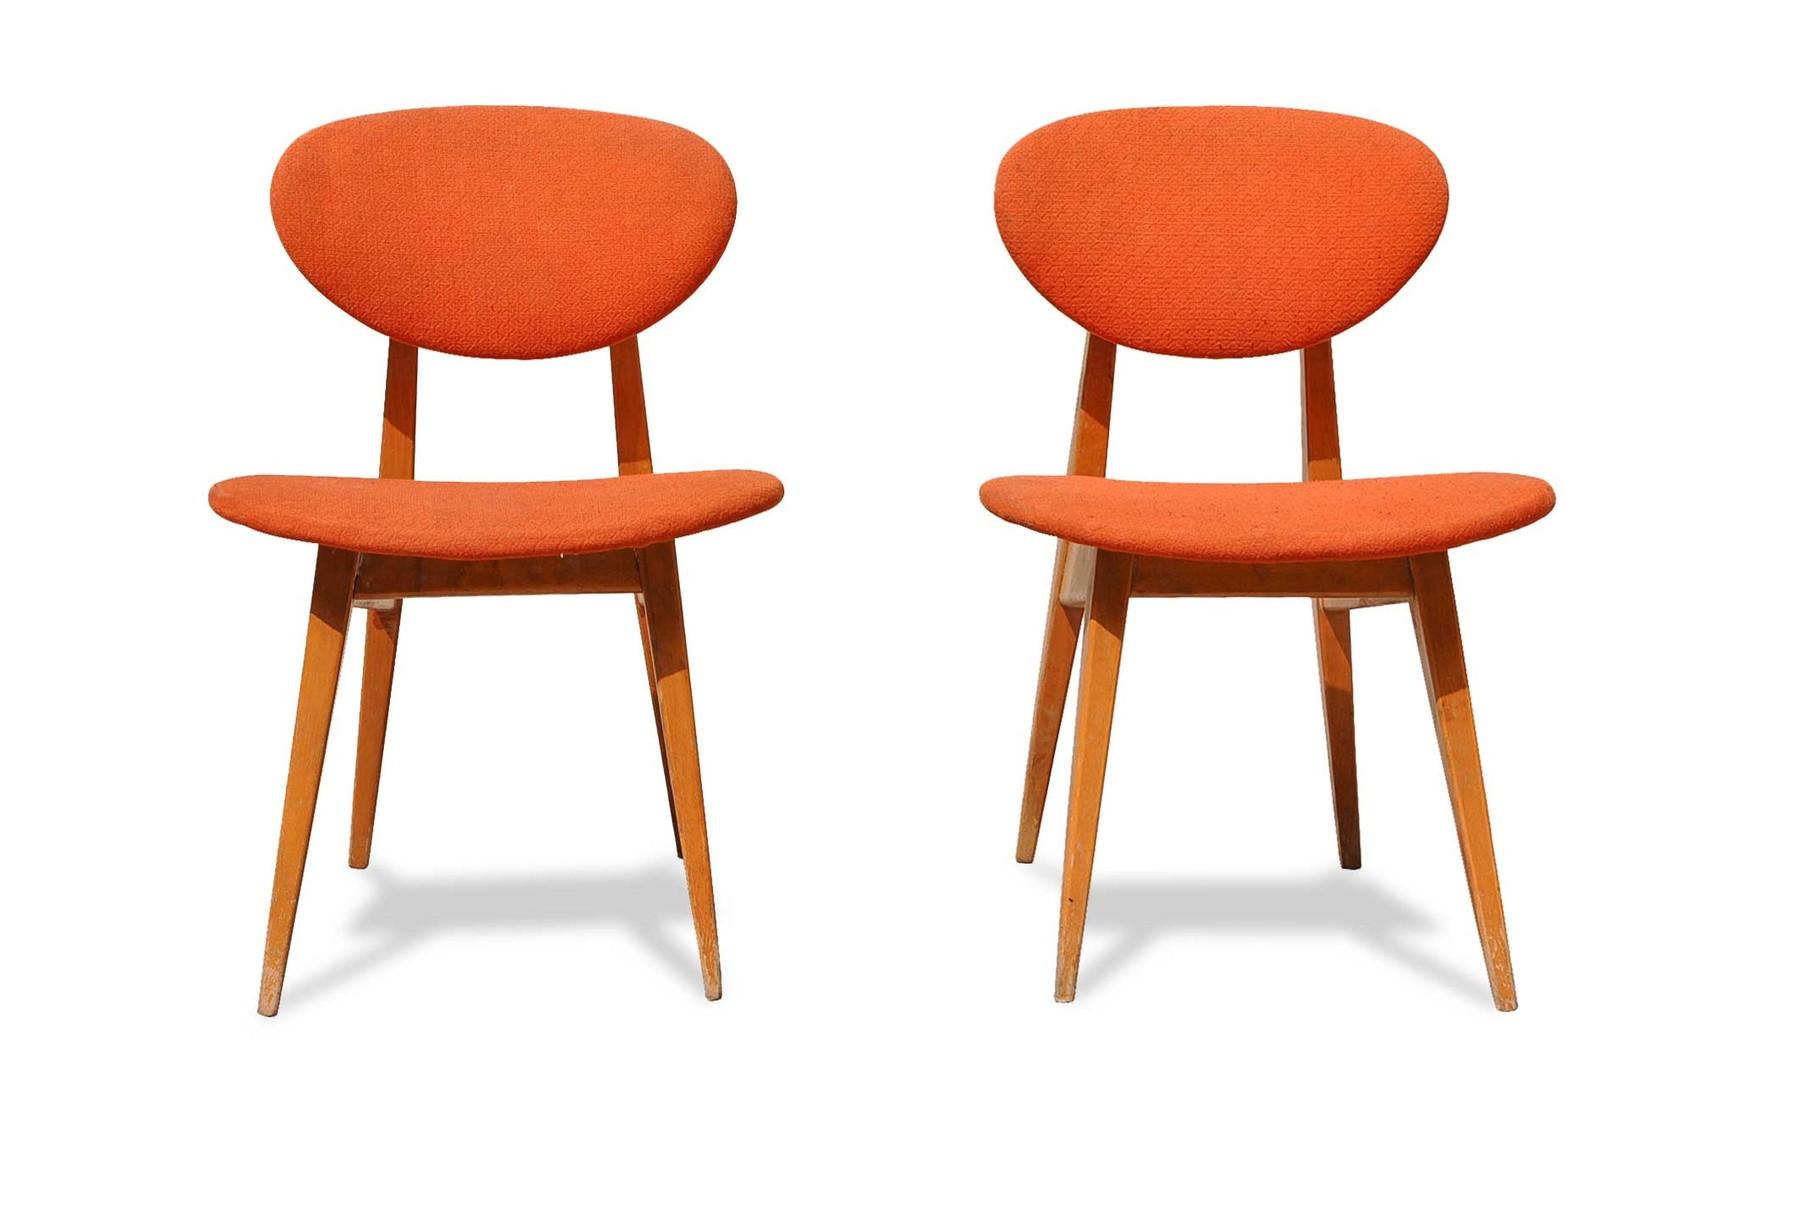 Italia (tutte le città) vendo sei sedie imbottite in pelle pieno fiore come nuove. Sedie Anni 60 Design Scandinavo Italian Vintage Sofa